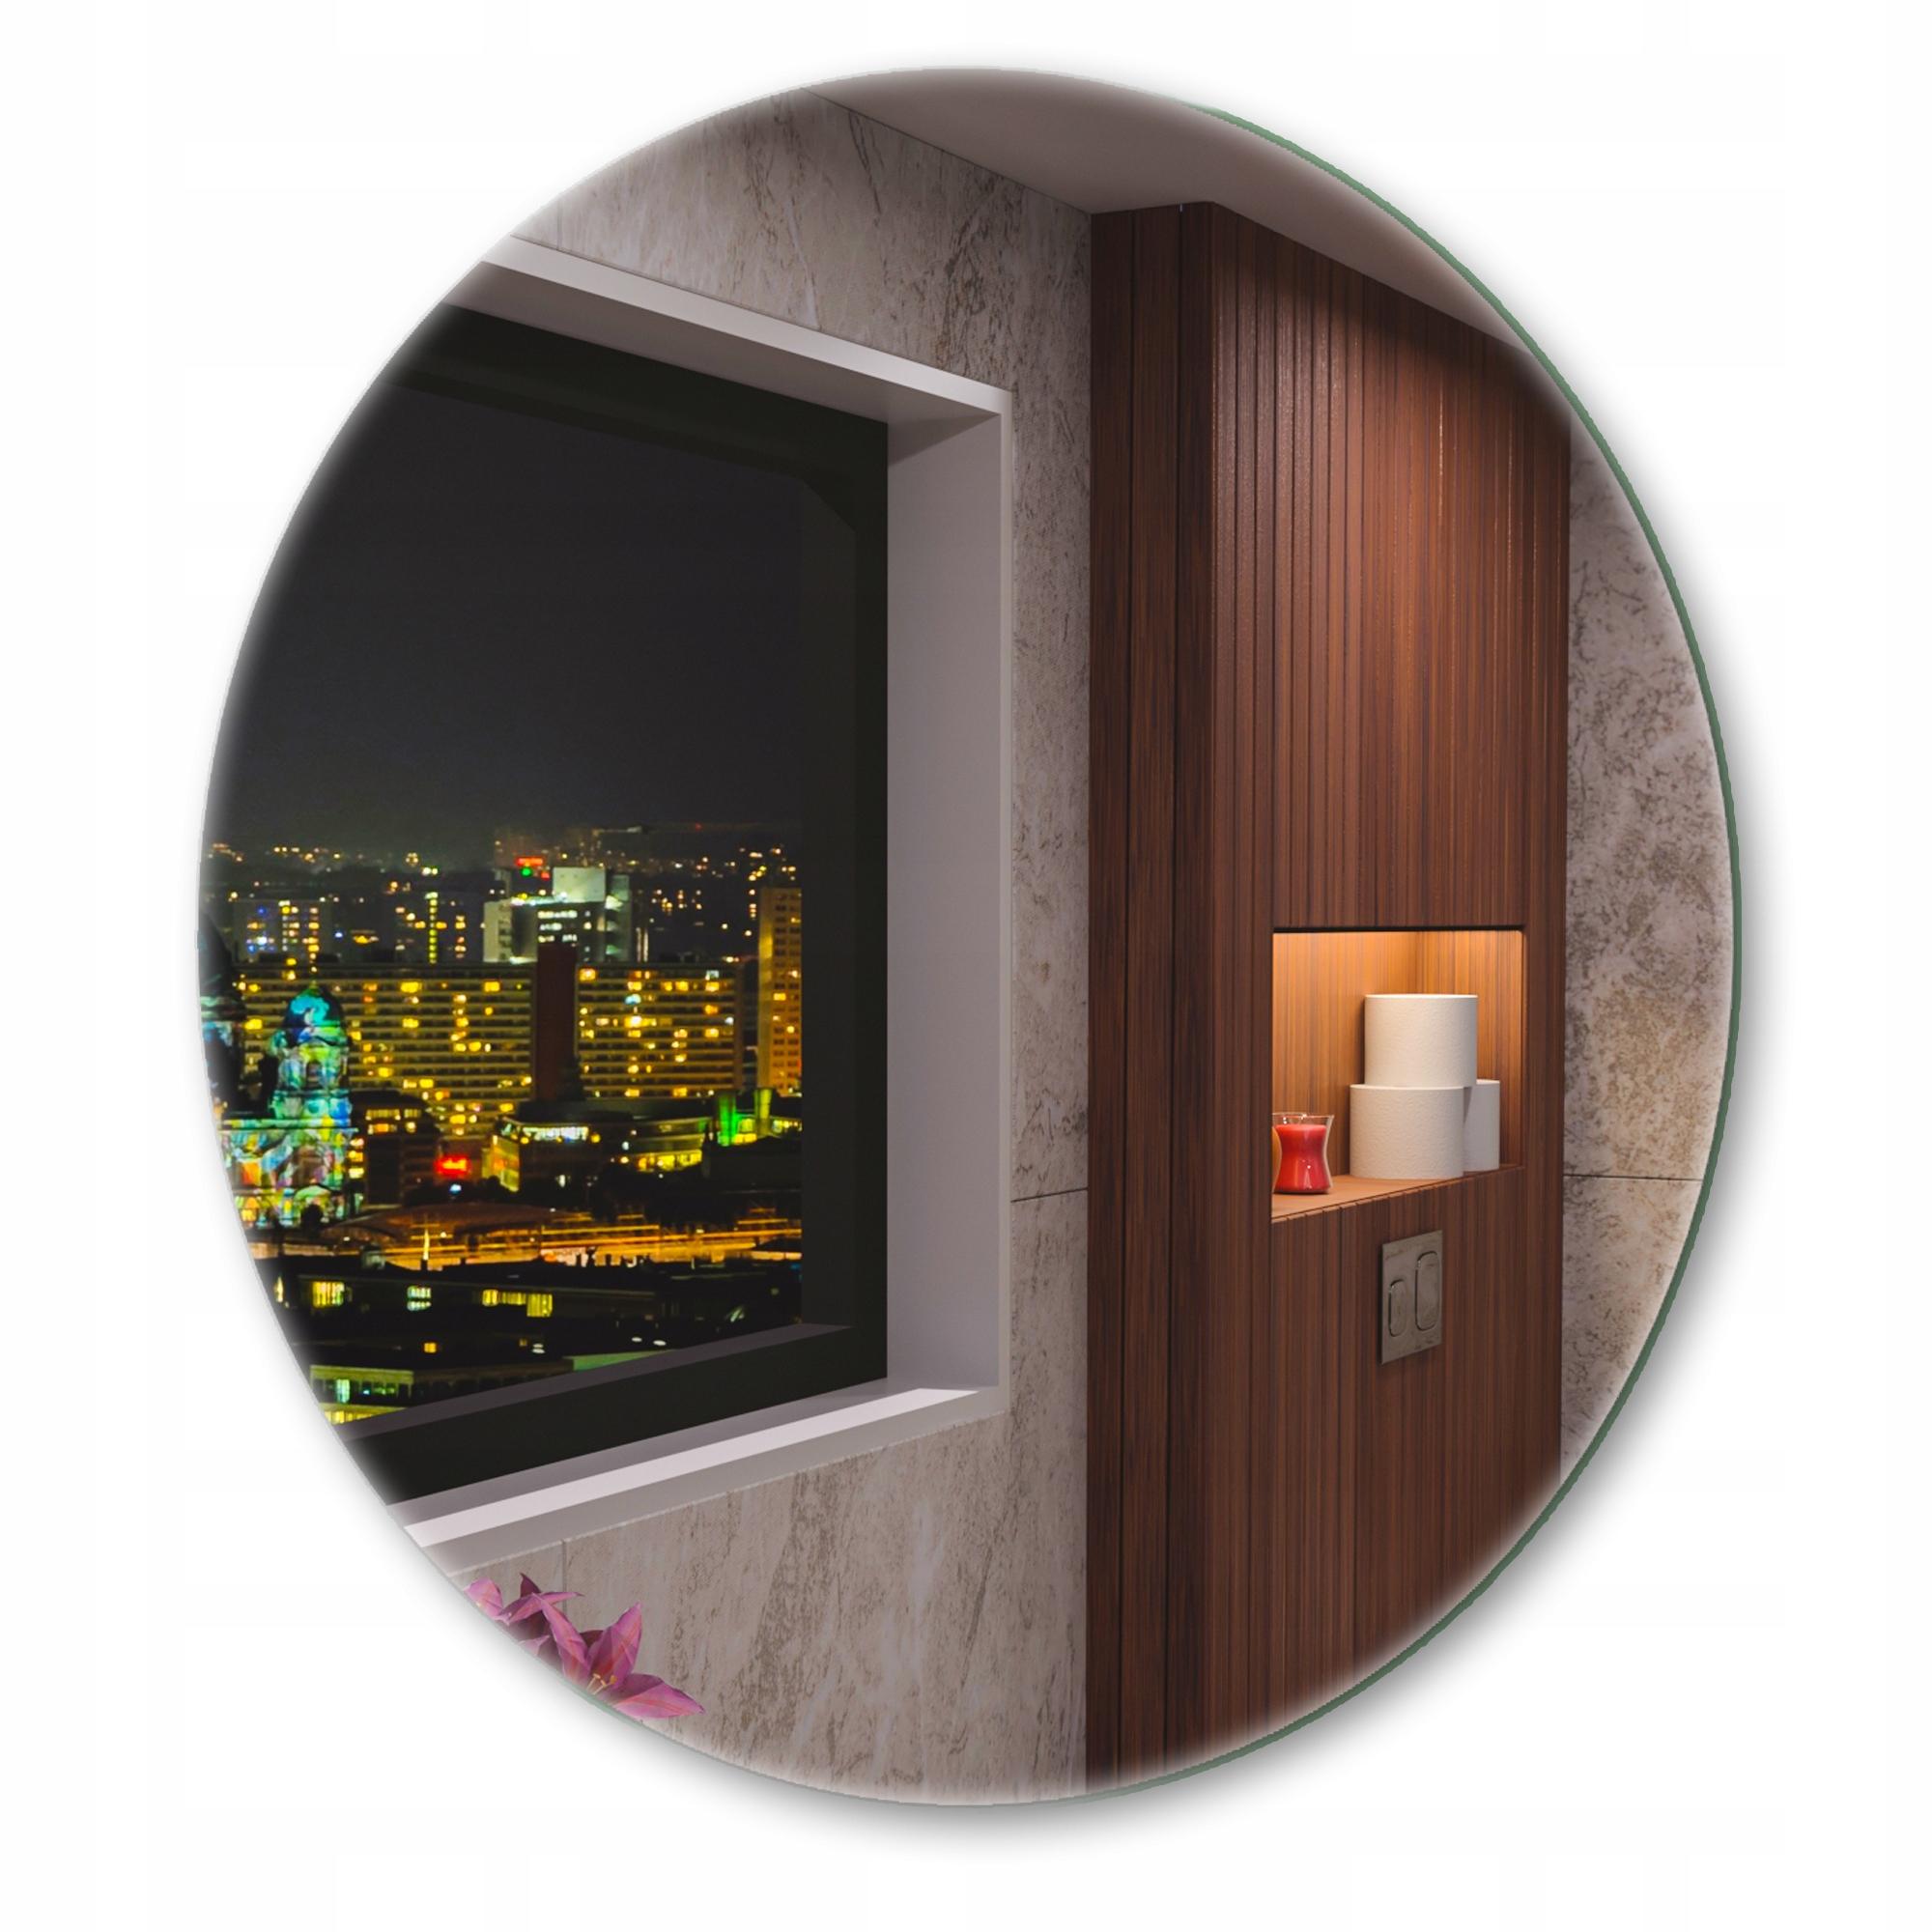 Круглое зеркало 80см с подсветкой для ванной